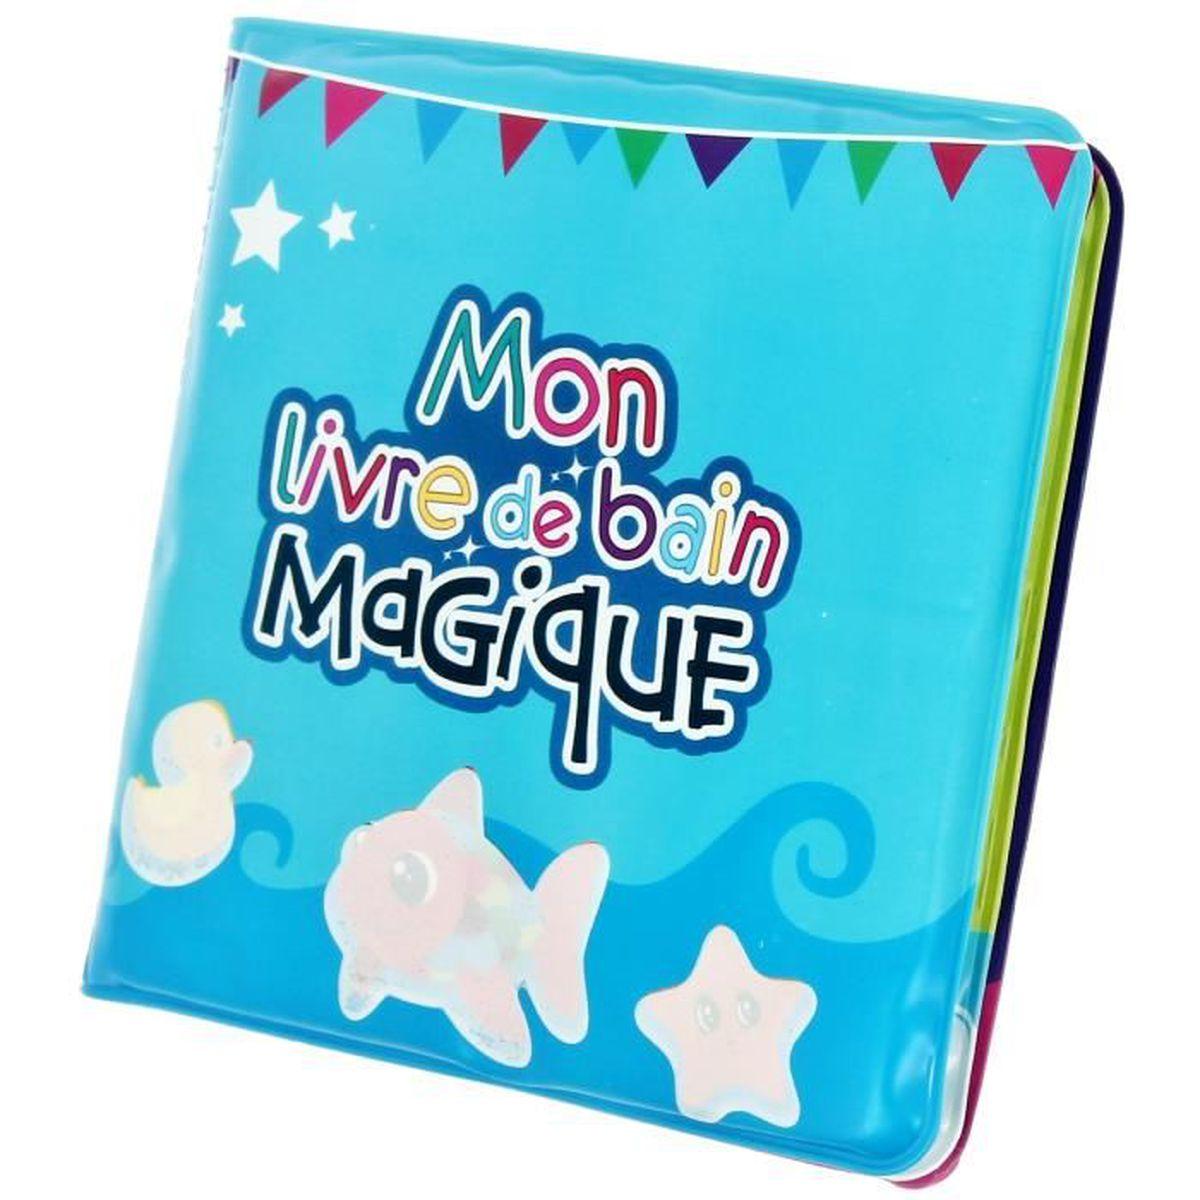 livre de bain magique jouet enfant norme ce eveil achat vente jouet de bain cdiscount. Black Bedroom Furniture Sets. Home Design Ideas